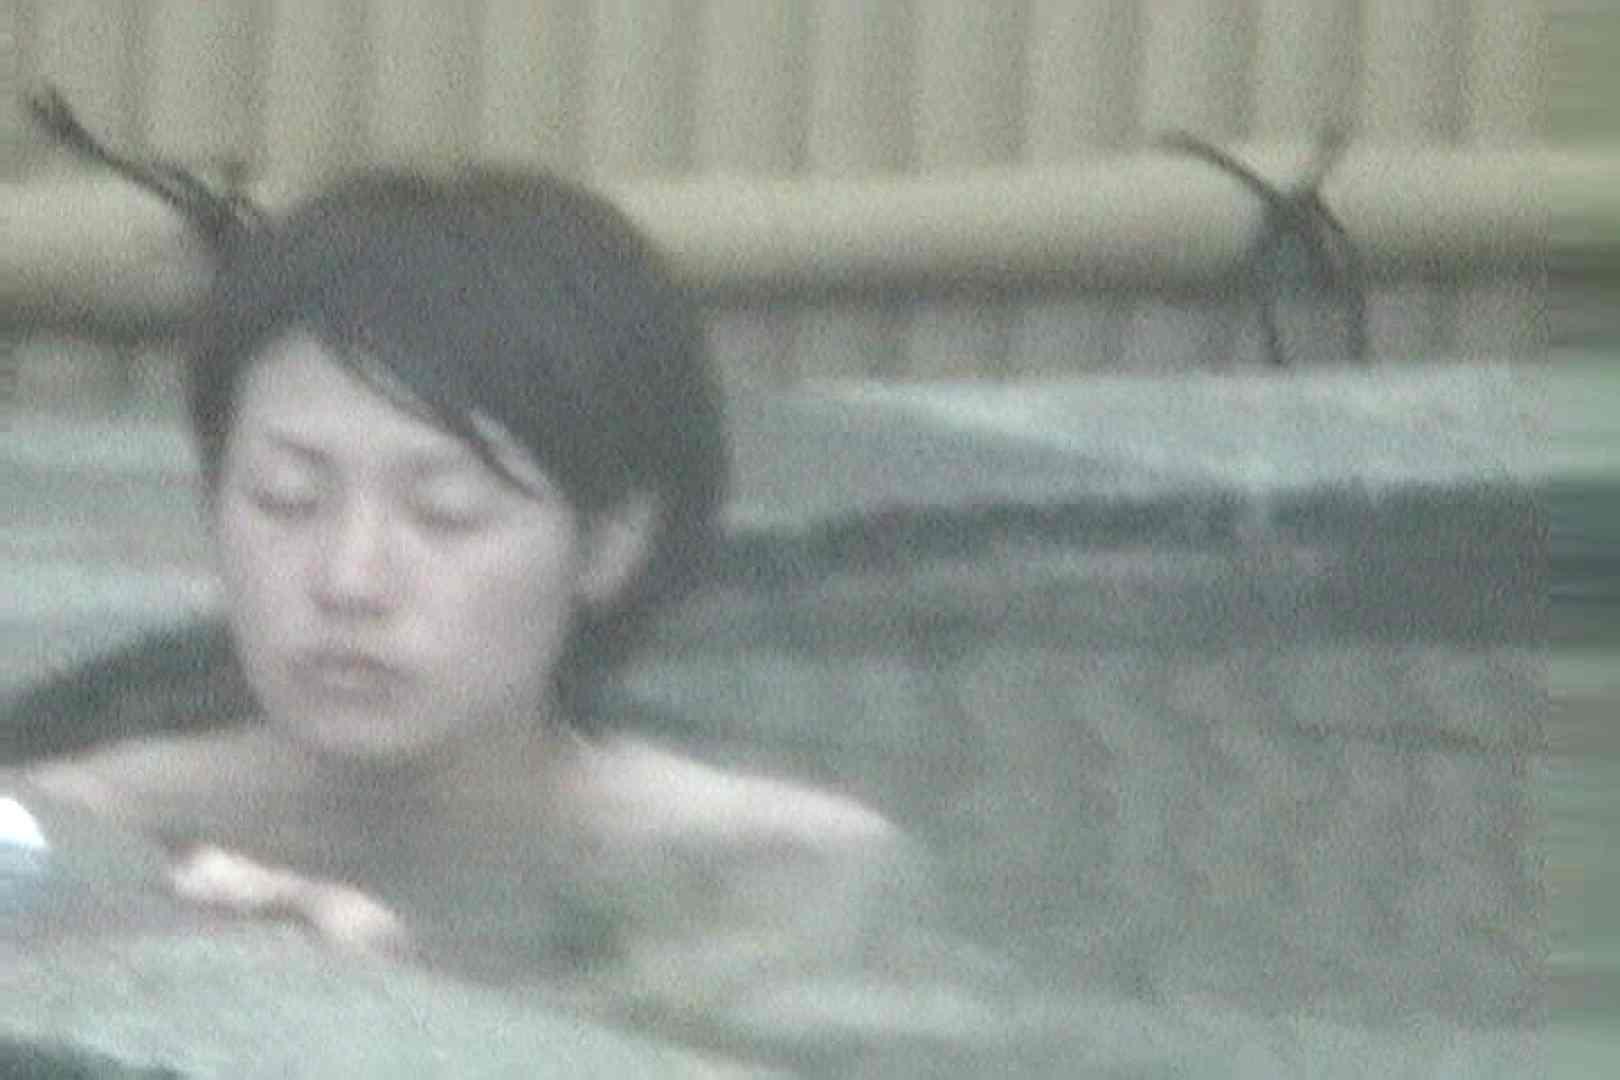 Aquaな露天風呂Vol.100【VIP限定】 盗撮   露天  98pic 49